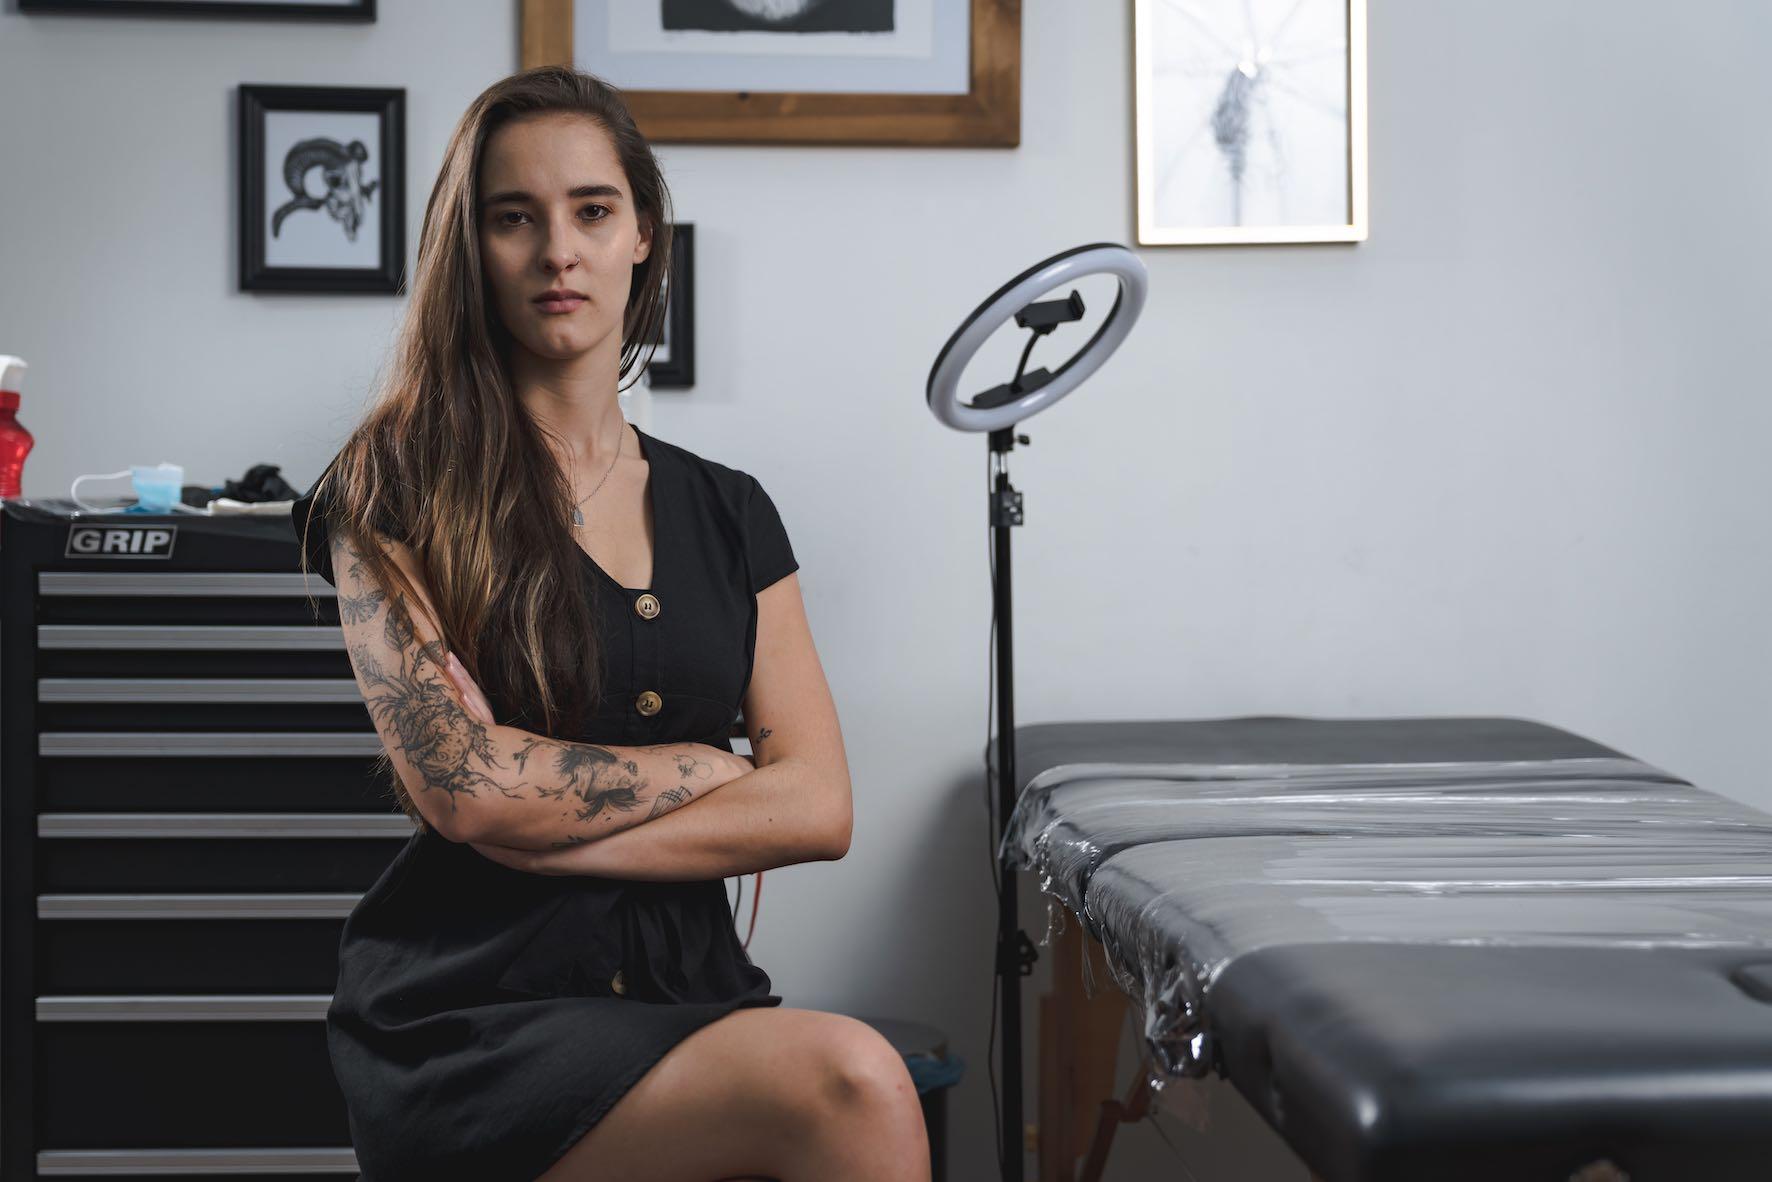 Meet Alyssa van der Merwe as our featured Tattoo Artist of the Week